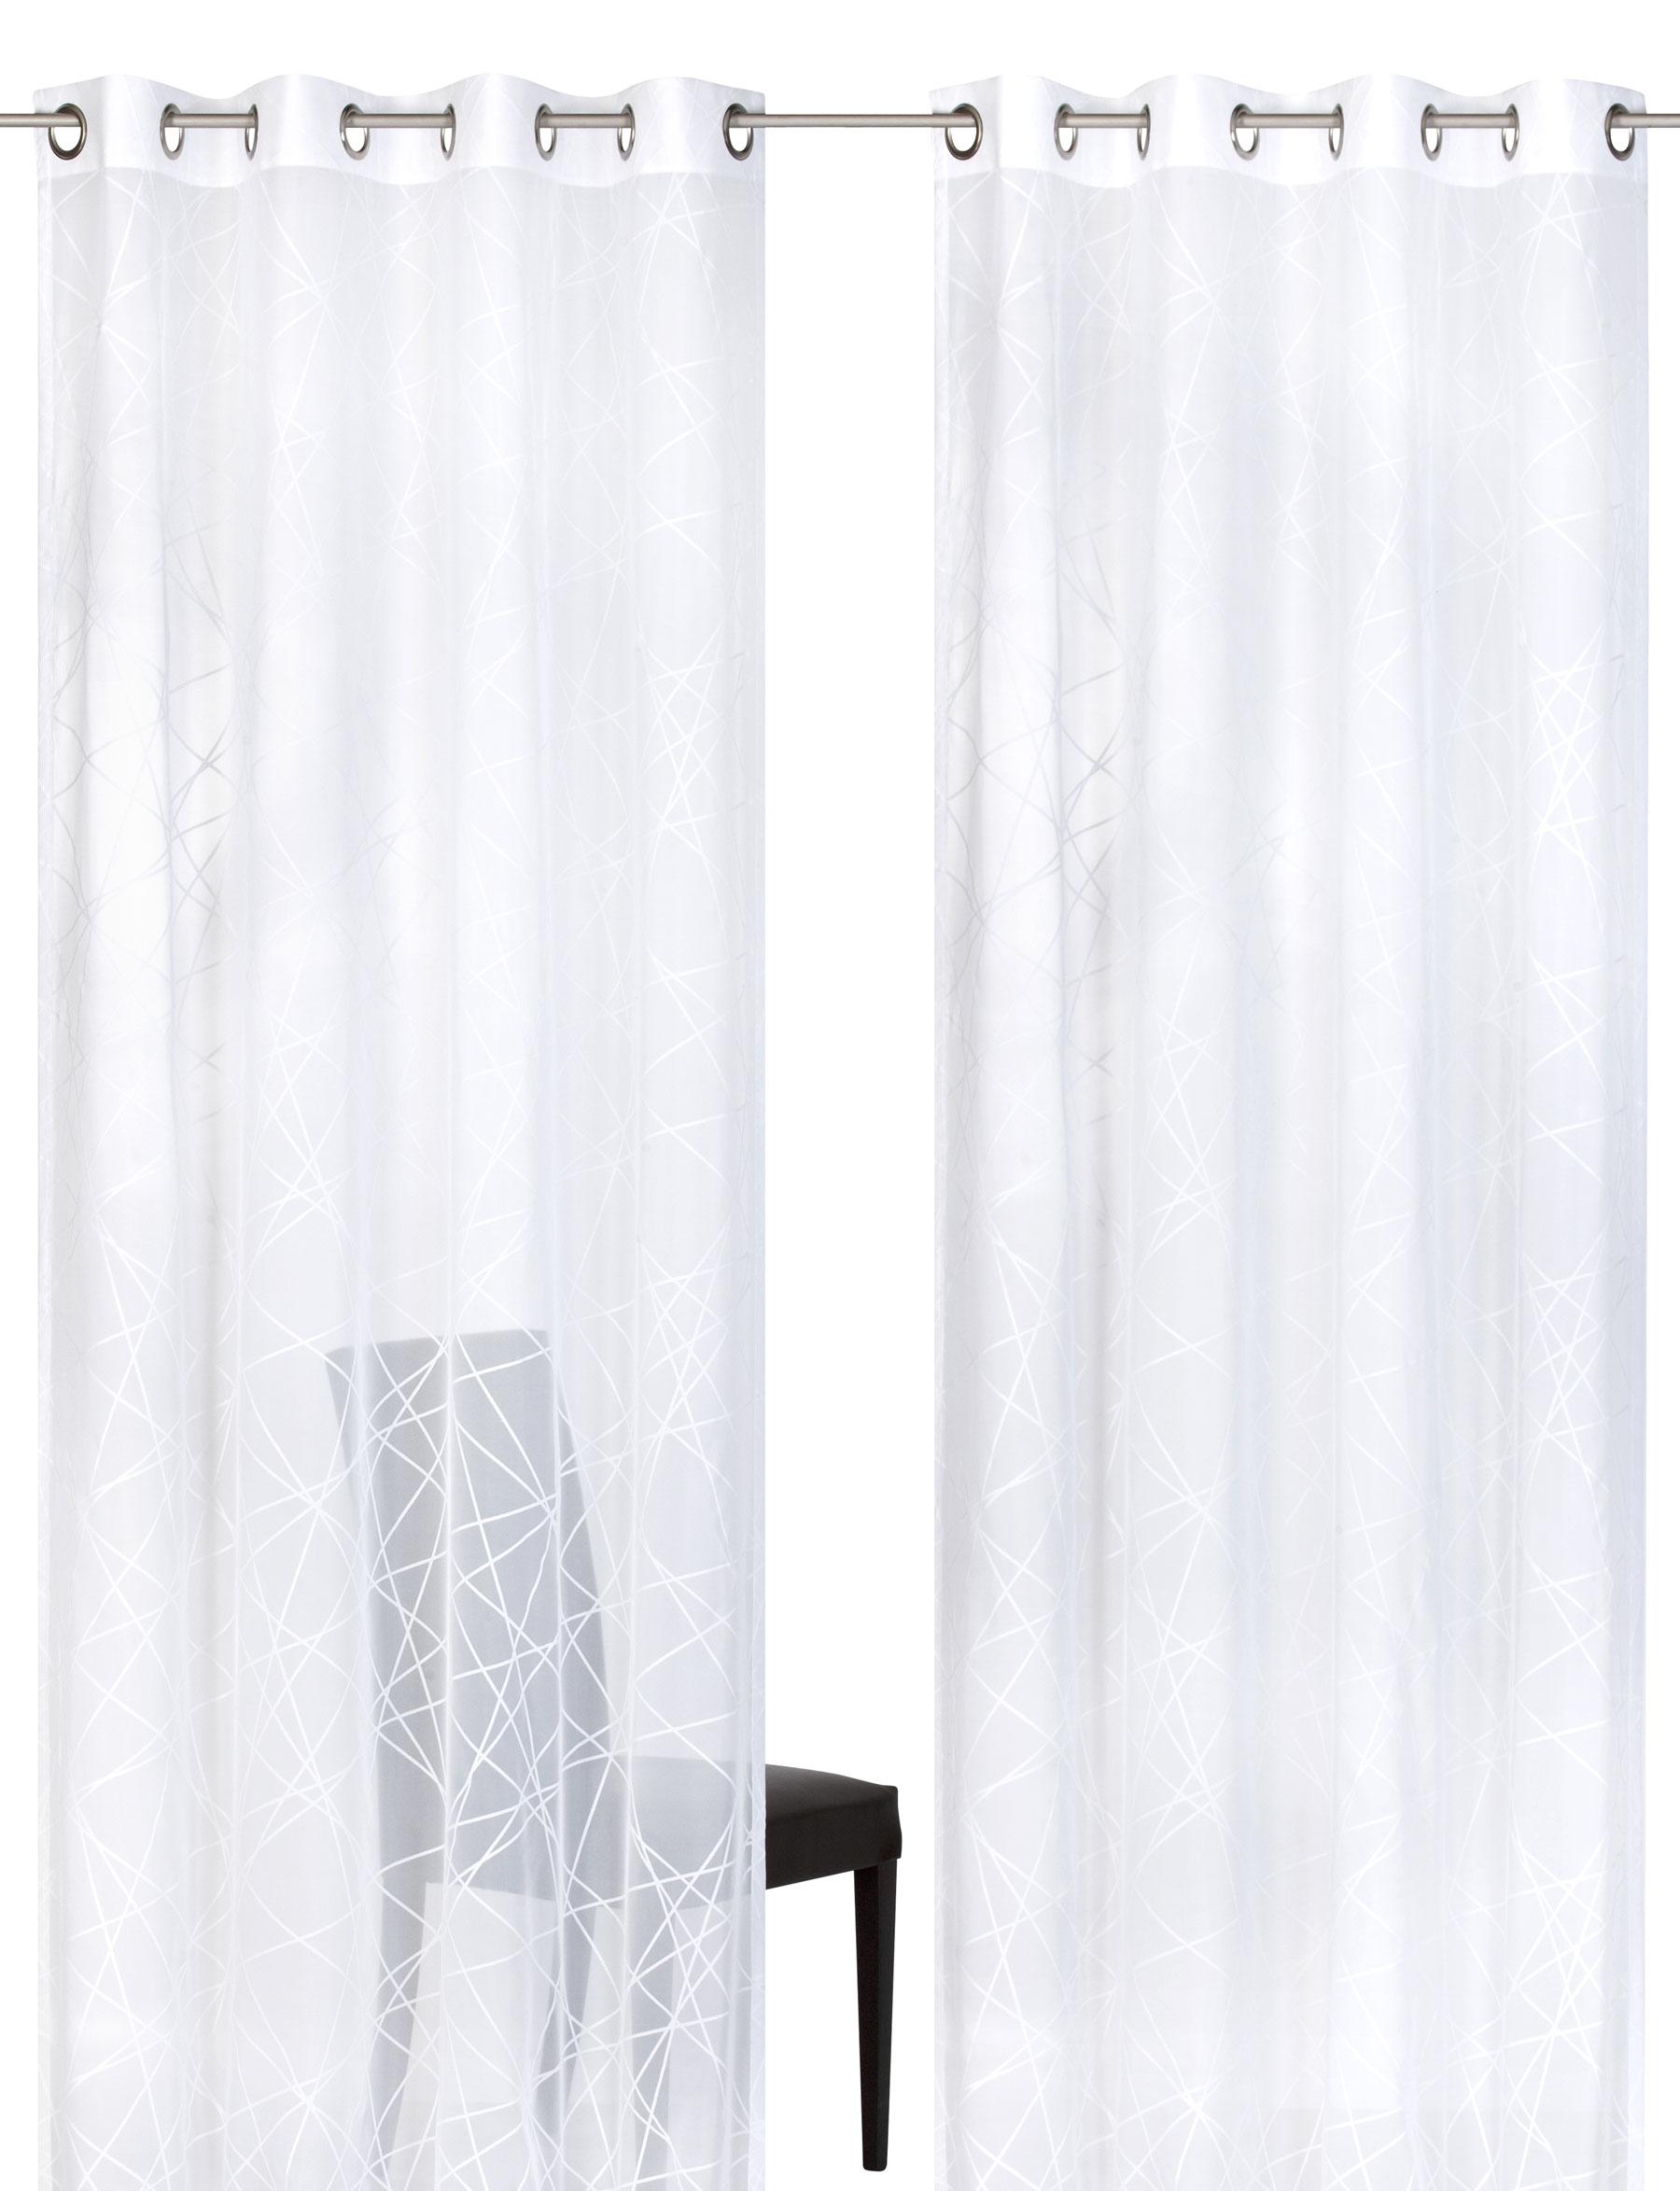 vorhang organza first class organza fertig store with vorhang organza stunning im neben dem. Black Bedroom Furniture Sets. Home Design Ideas